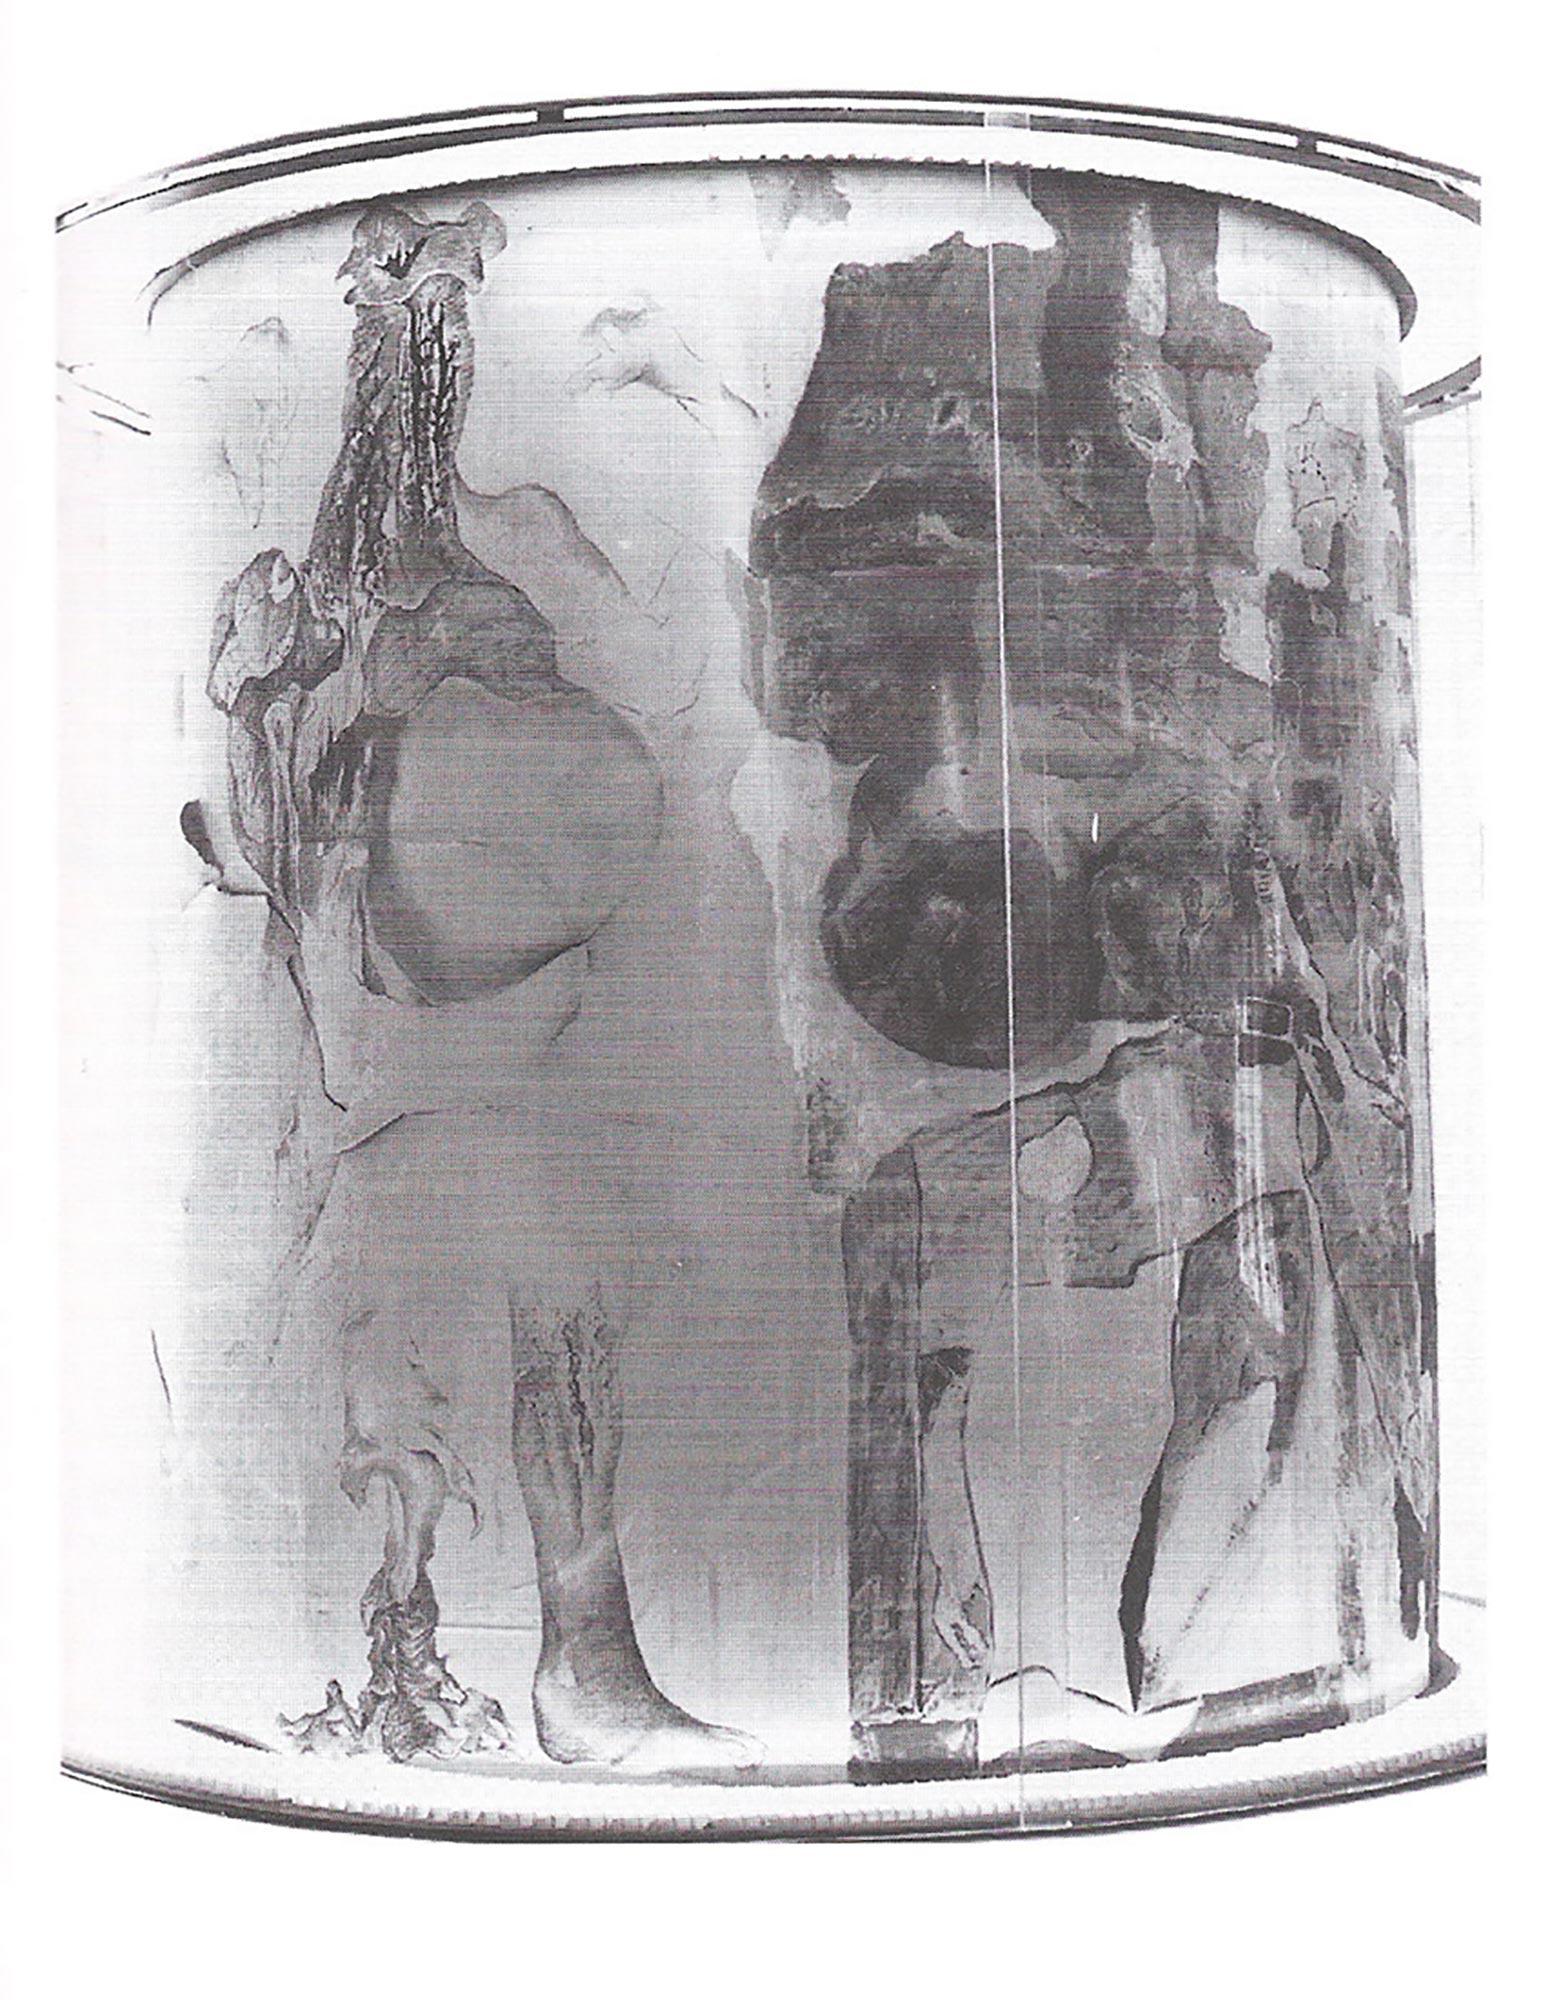 11 Hein Heckroth und Bernard Schultze, Litfaßsäule im Frankfurter Nordwest-Zentrum, 1968, Papiergröße: 150 x 500 cm